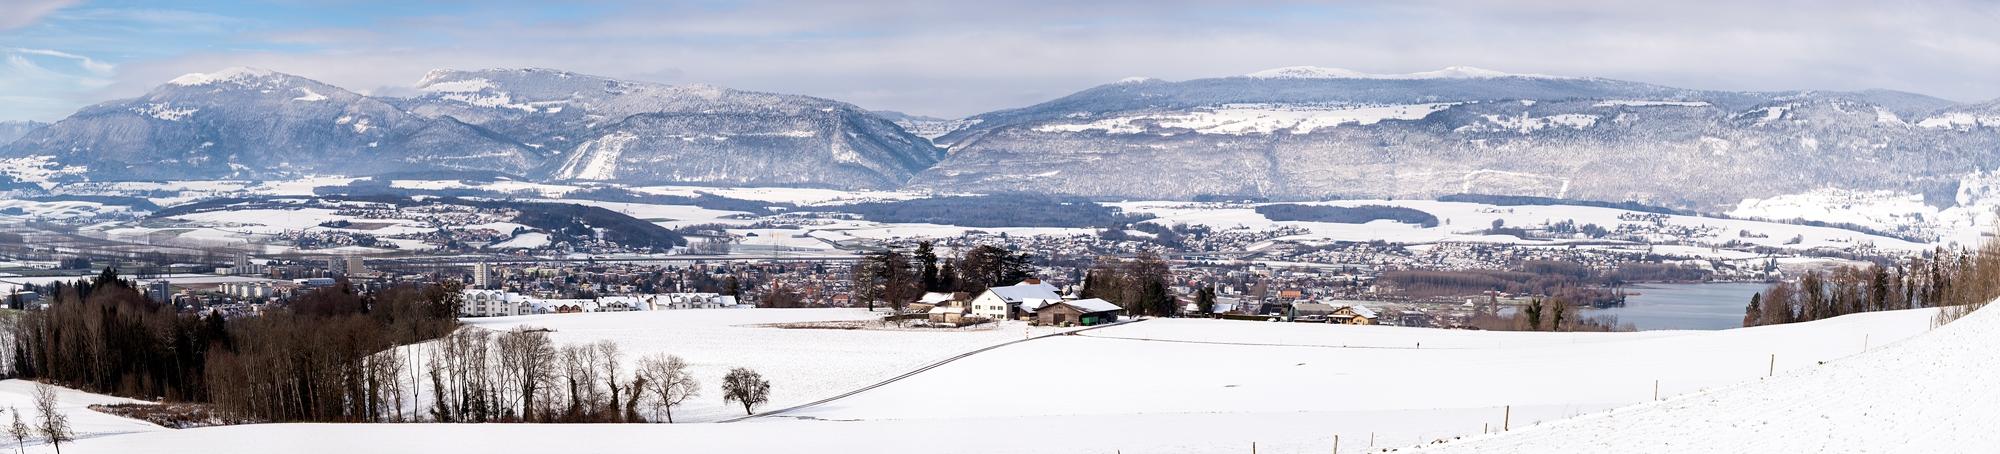 Jura et ville d'Yverdon et son manteau neigeux